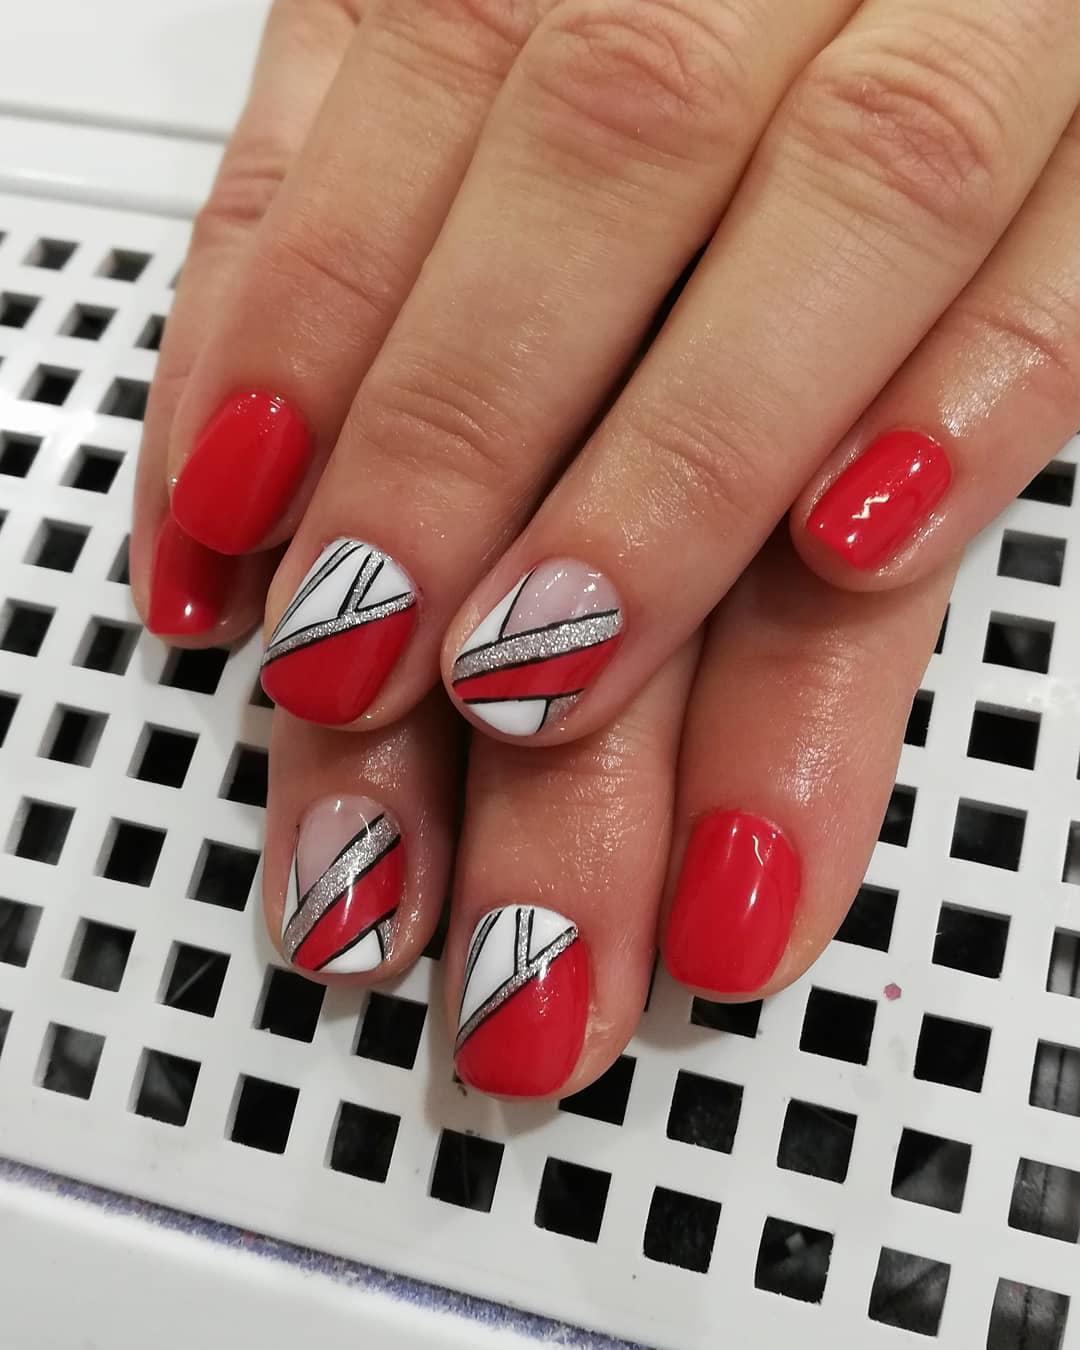 creative red nail design ideas 2019 9 - 20 Creative Red Nail Design Ideas 2019